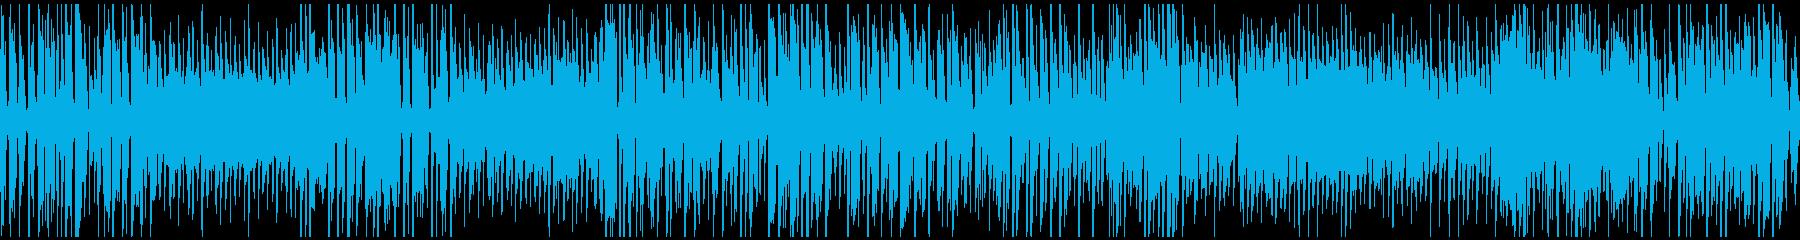 ハッピー遊園地系ジプシージャズ※ループ版の再生済みの波形